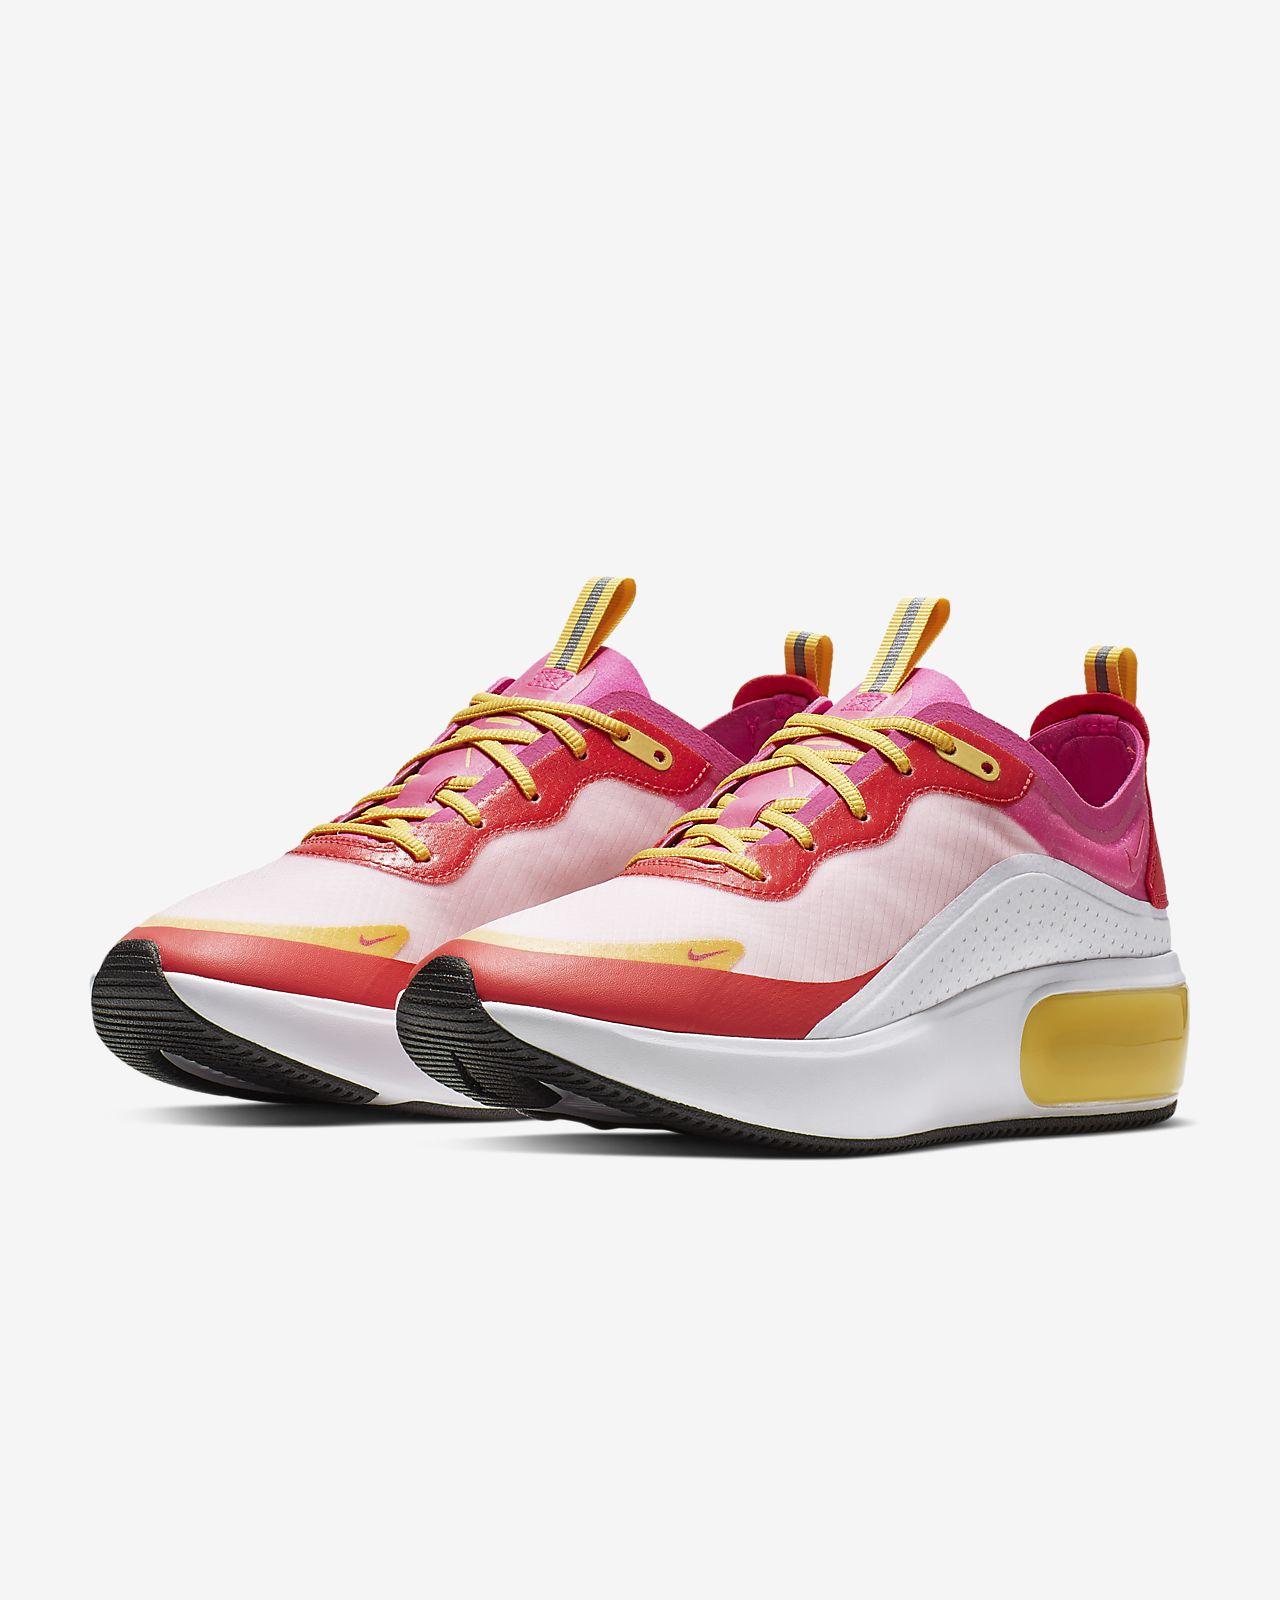 wholesale dealer 88369 4eee6 Nike Air Max Dia SE Shoe. Nike.com GB